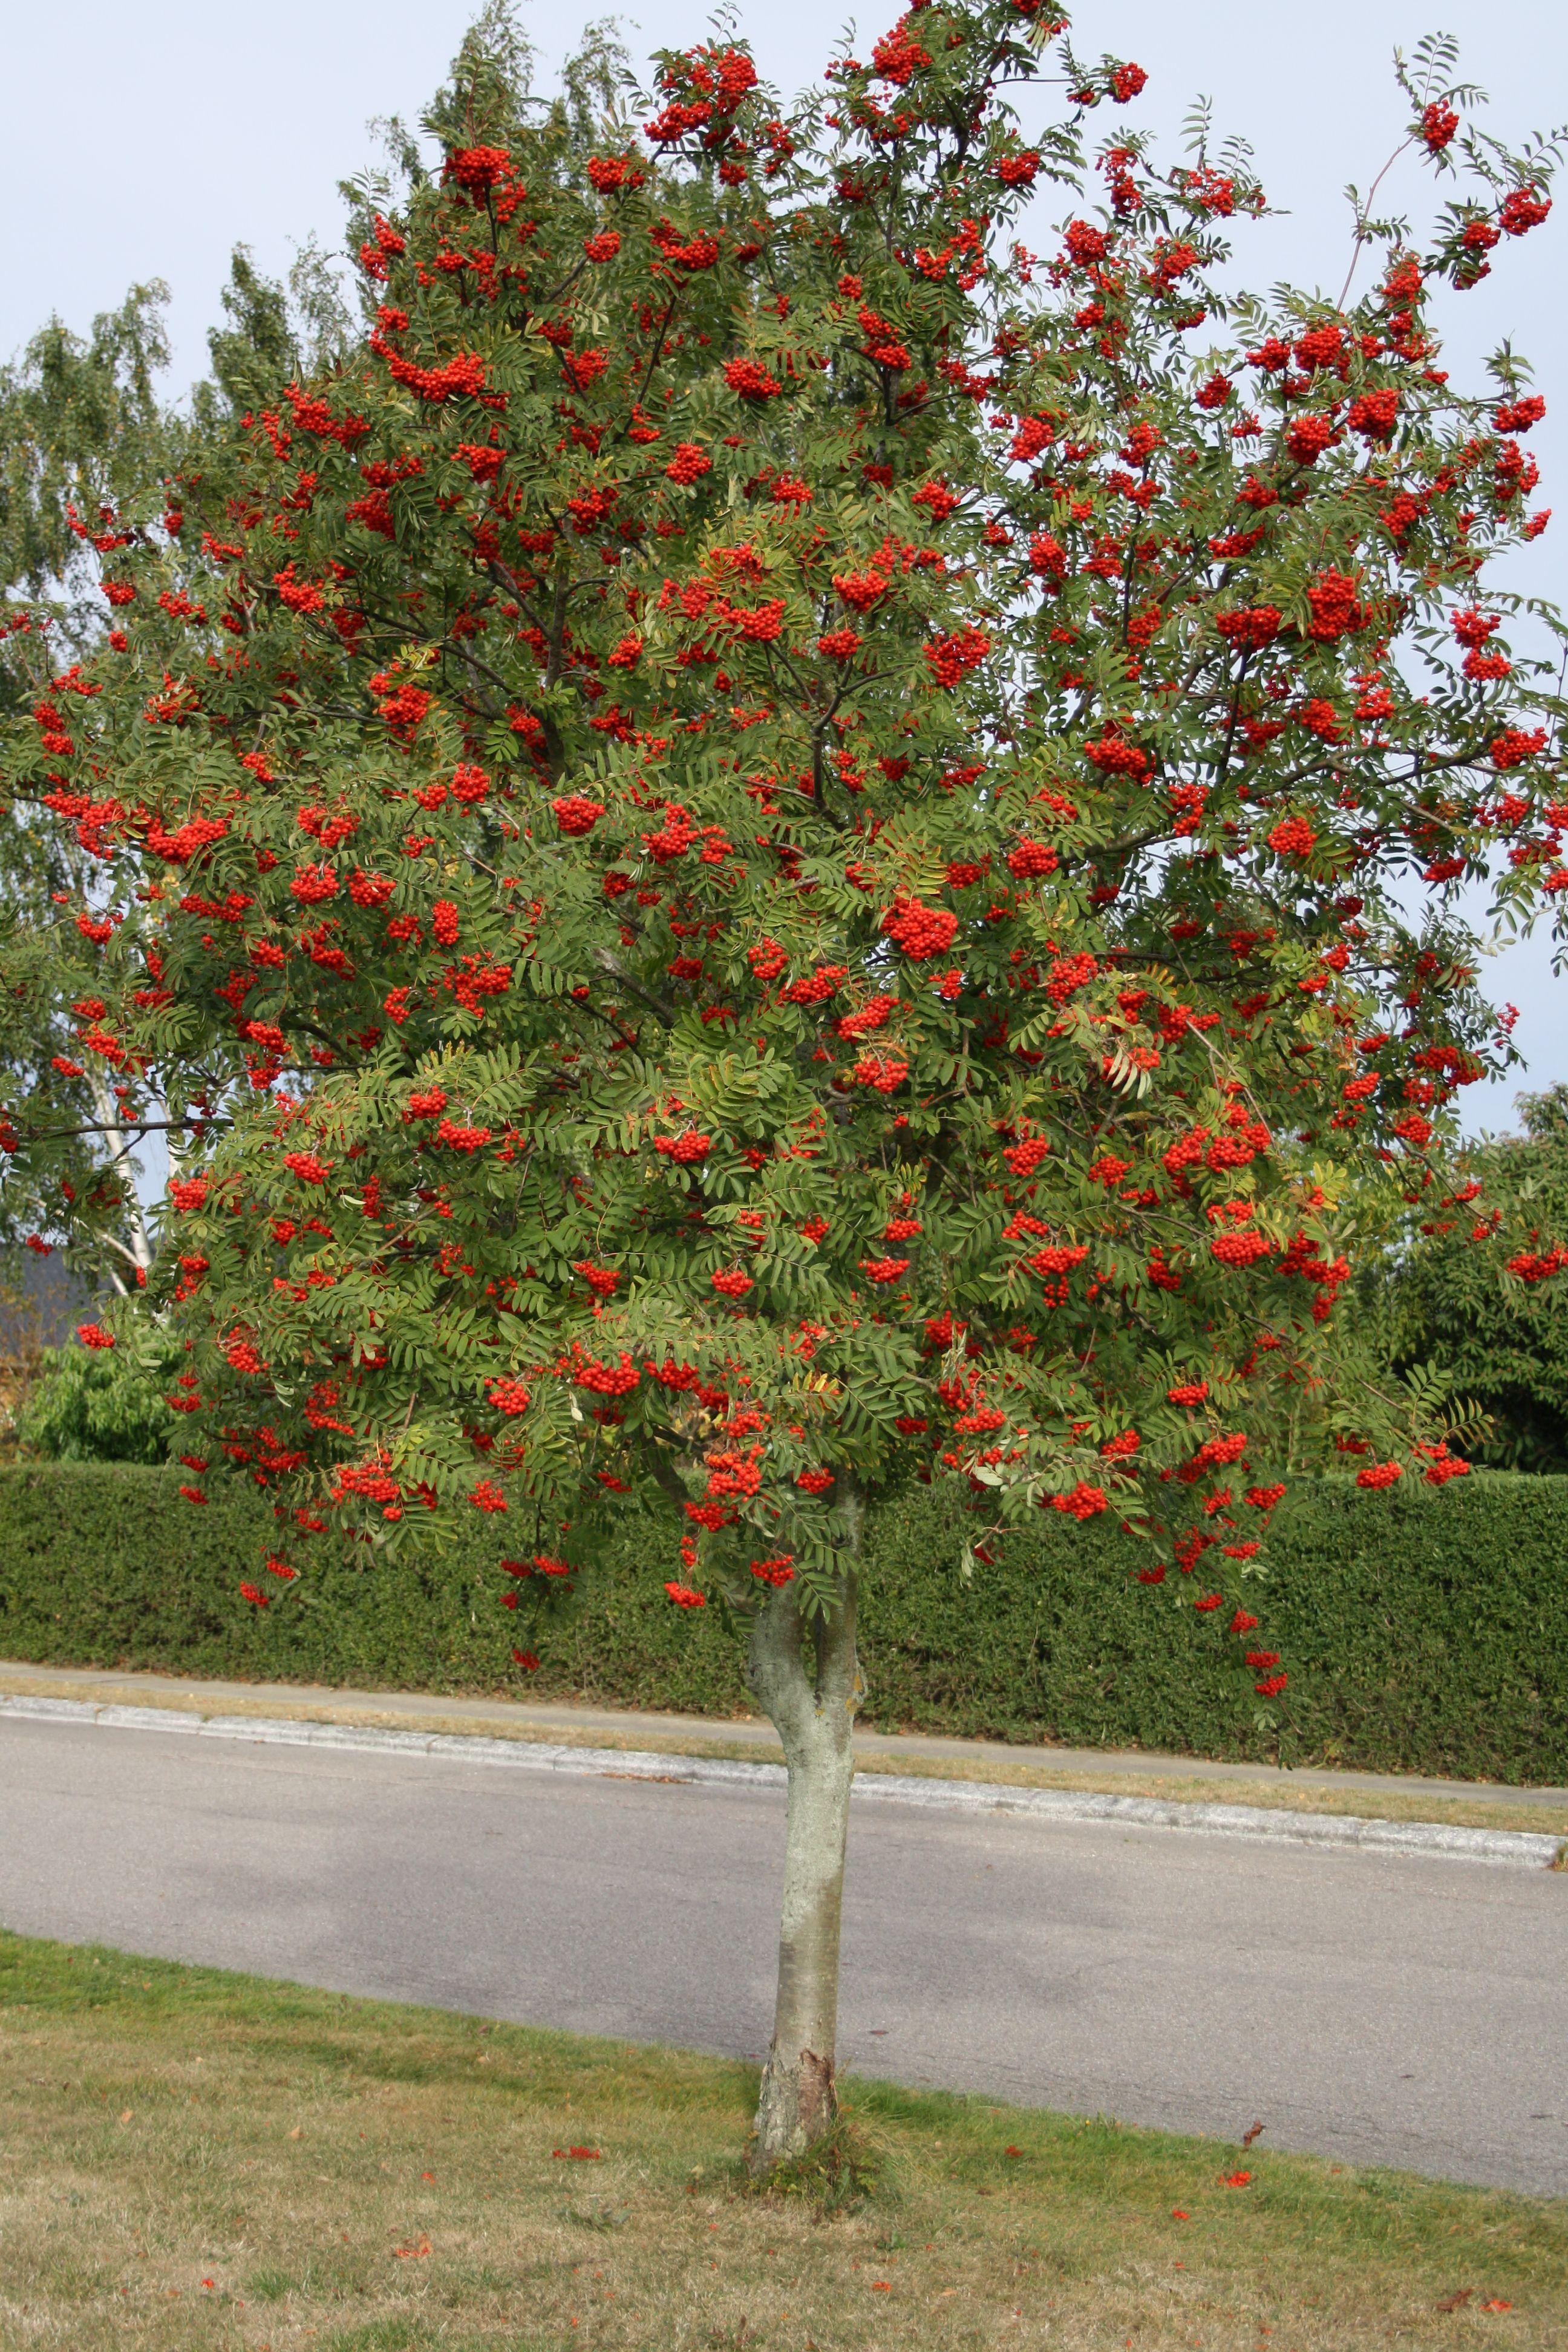 Rønnebær snaps Home and Garden Amba i 2020 Kendte